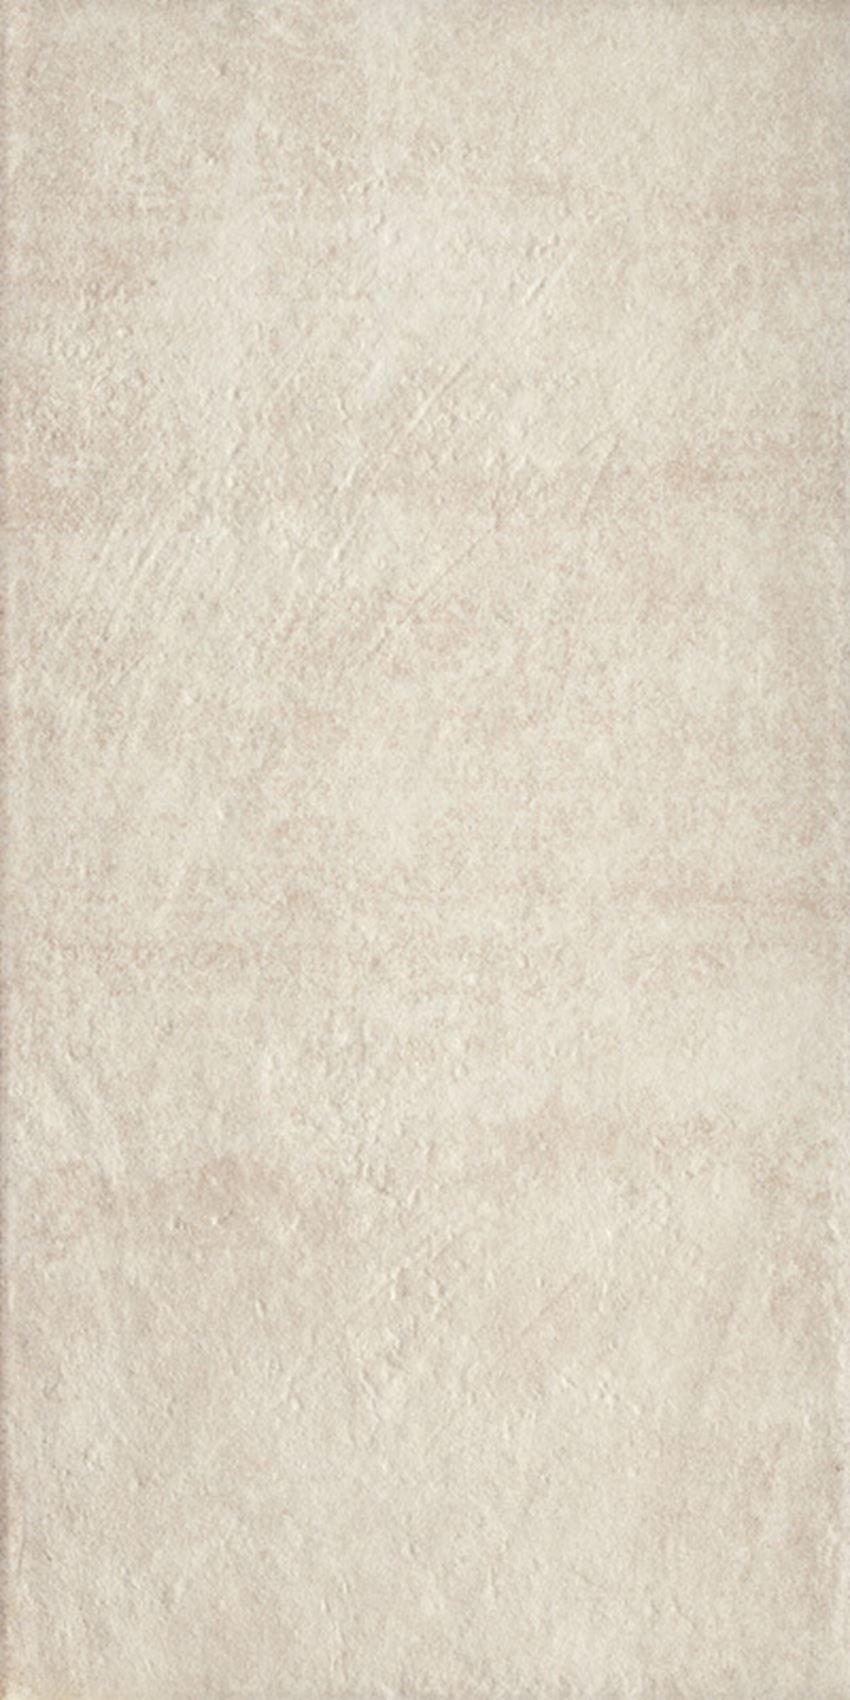 Płytka podłogowa 30x60 cm Paradyż Scandiano Beige Klinkier